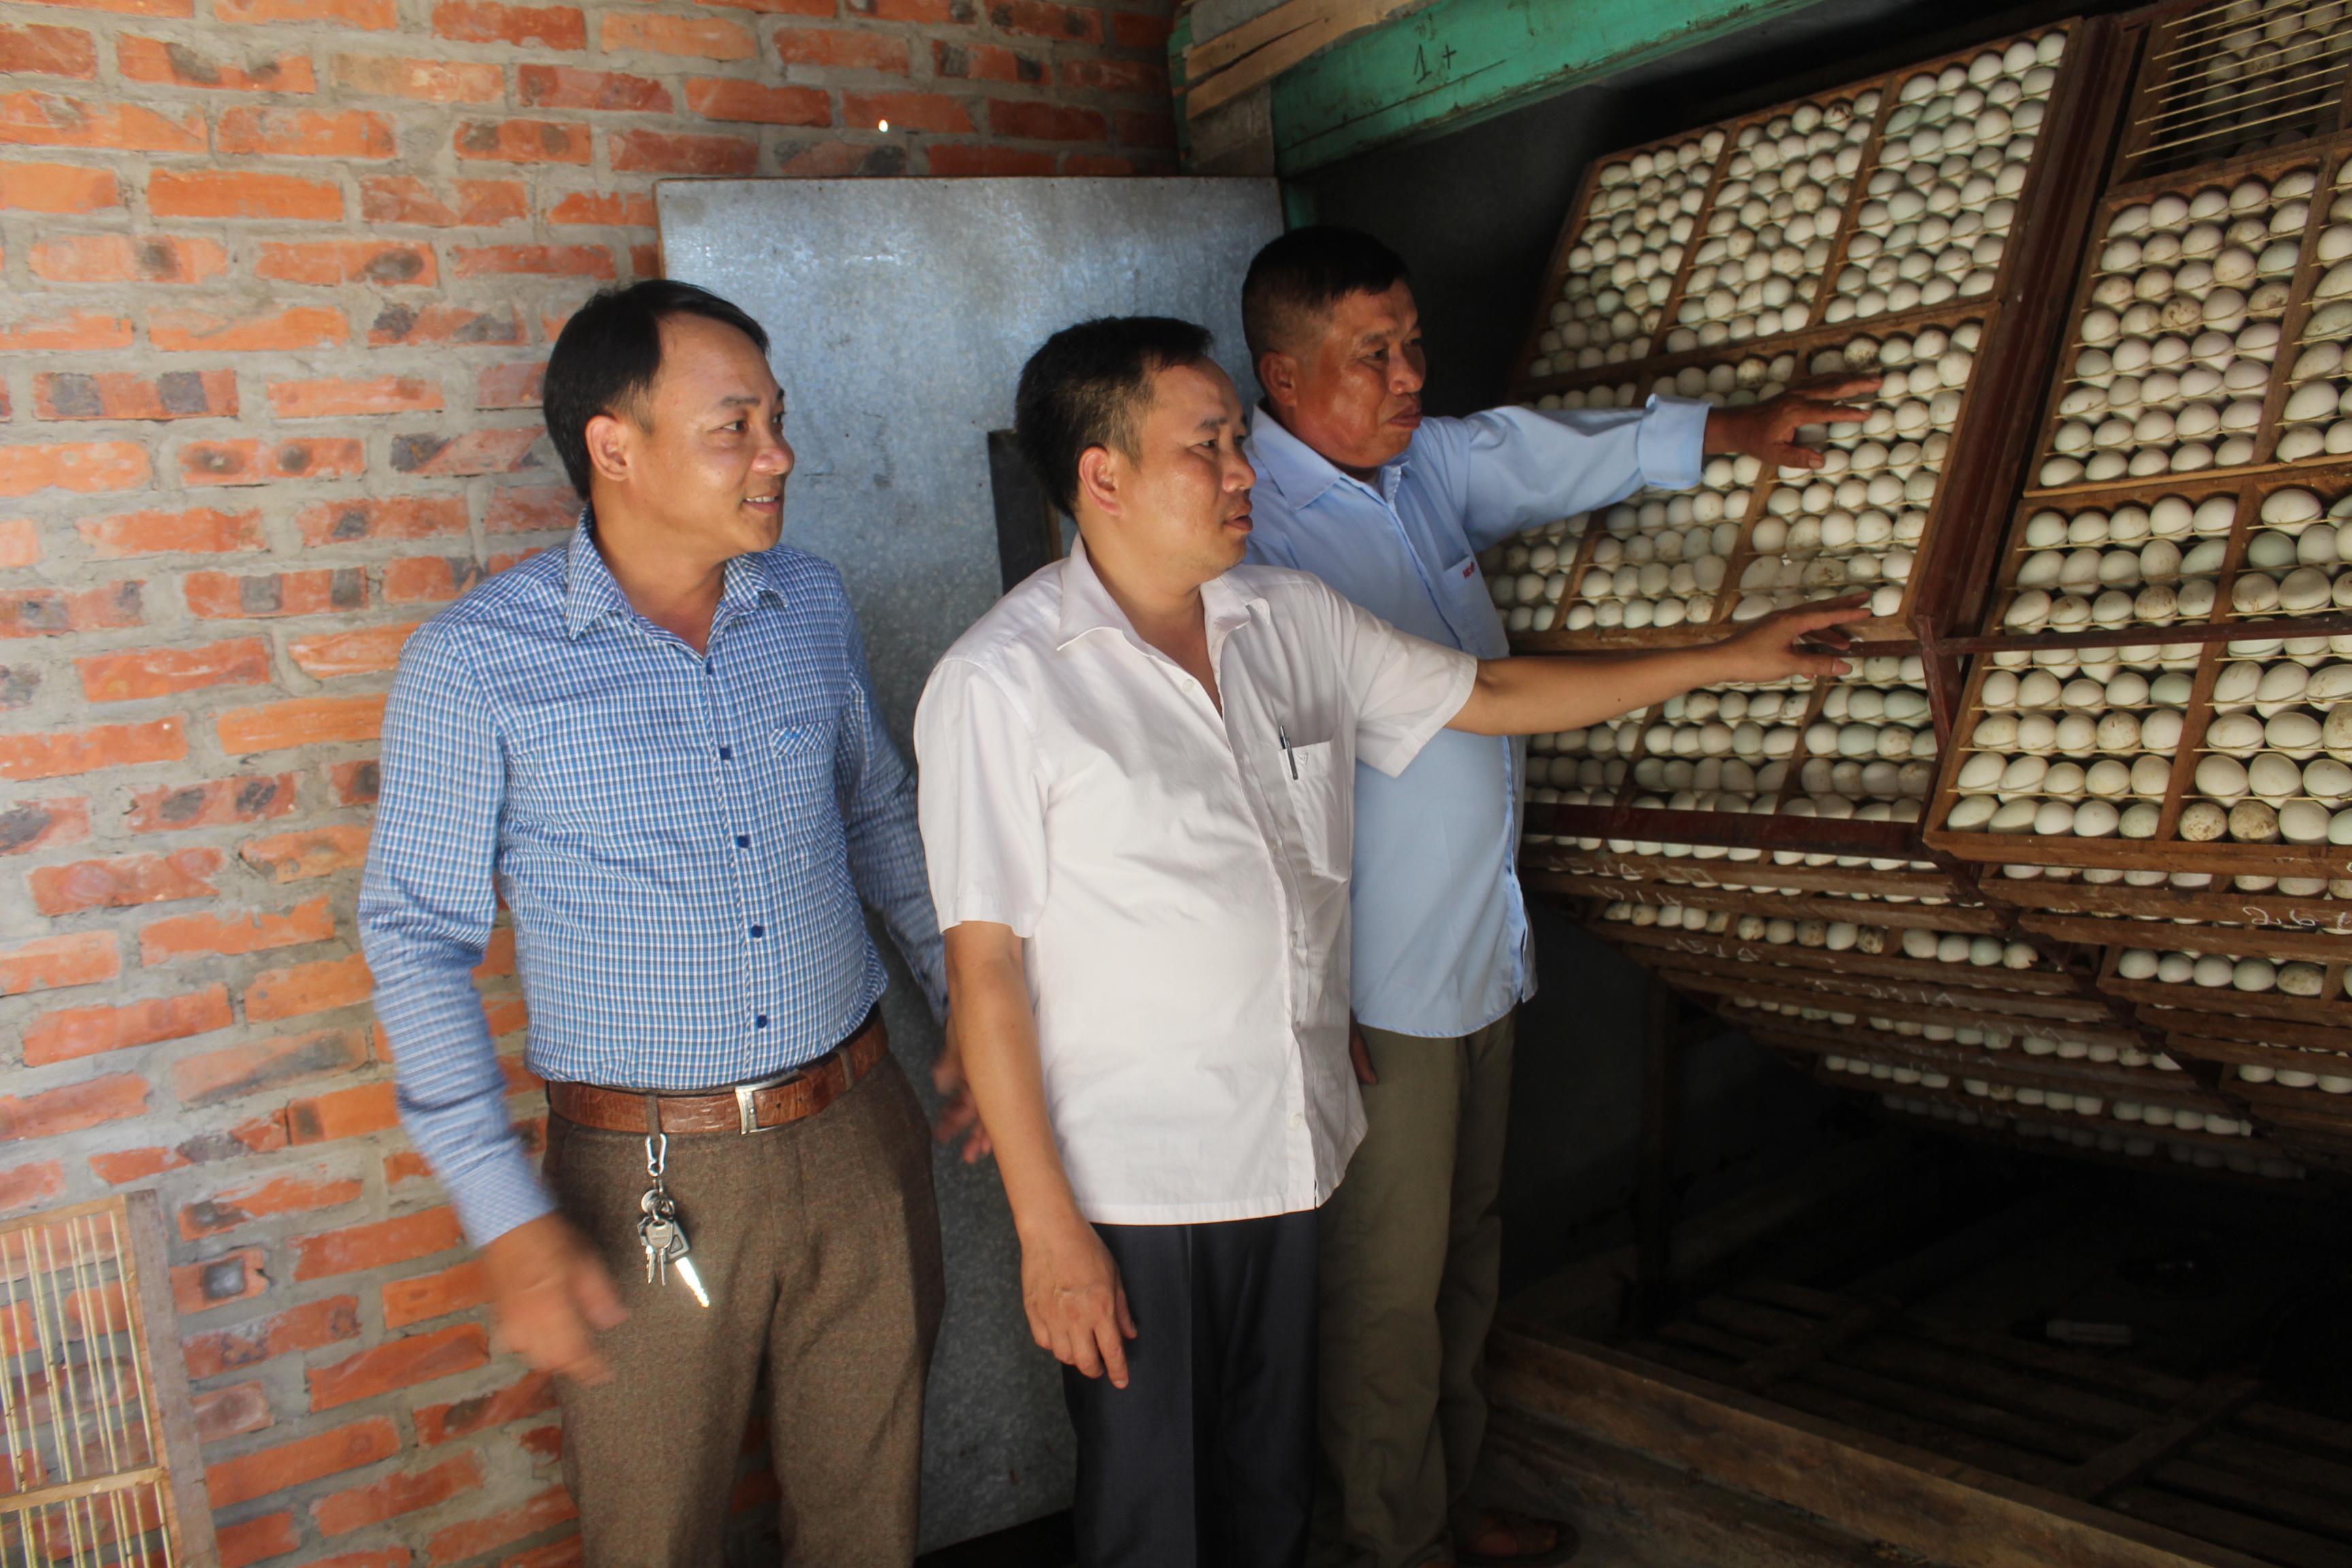 Nhiều hộ dân trên địa bàn tỉnh Bắc Ninh có điều kiện đầu tư phát triển sản xuất nông nghiệp.